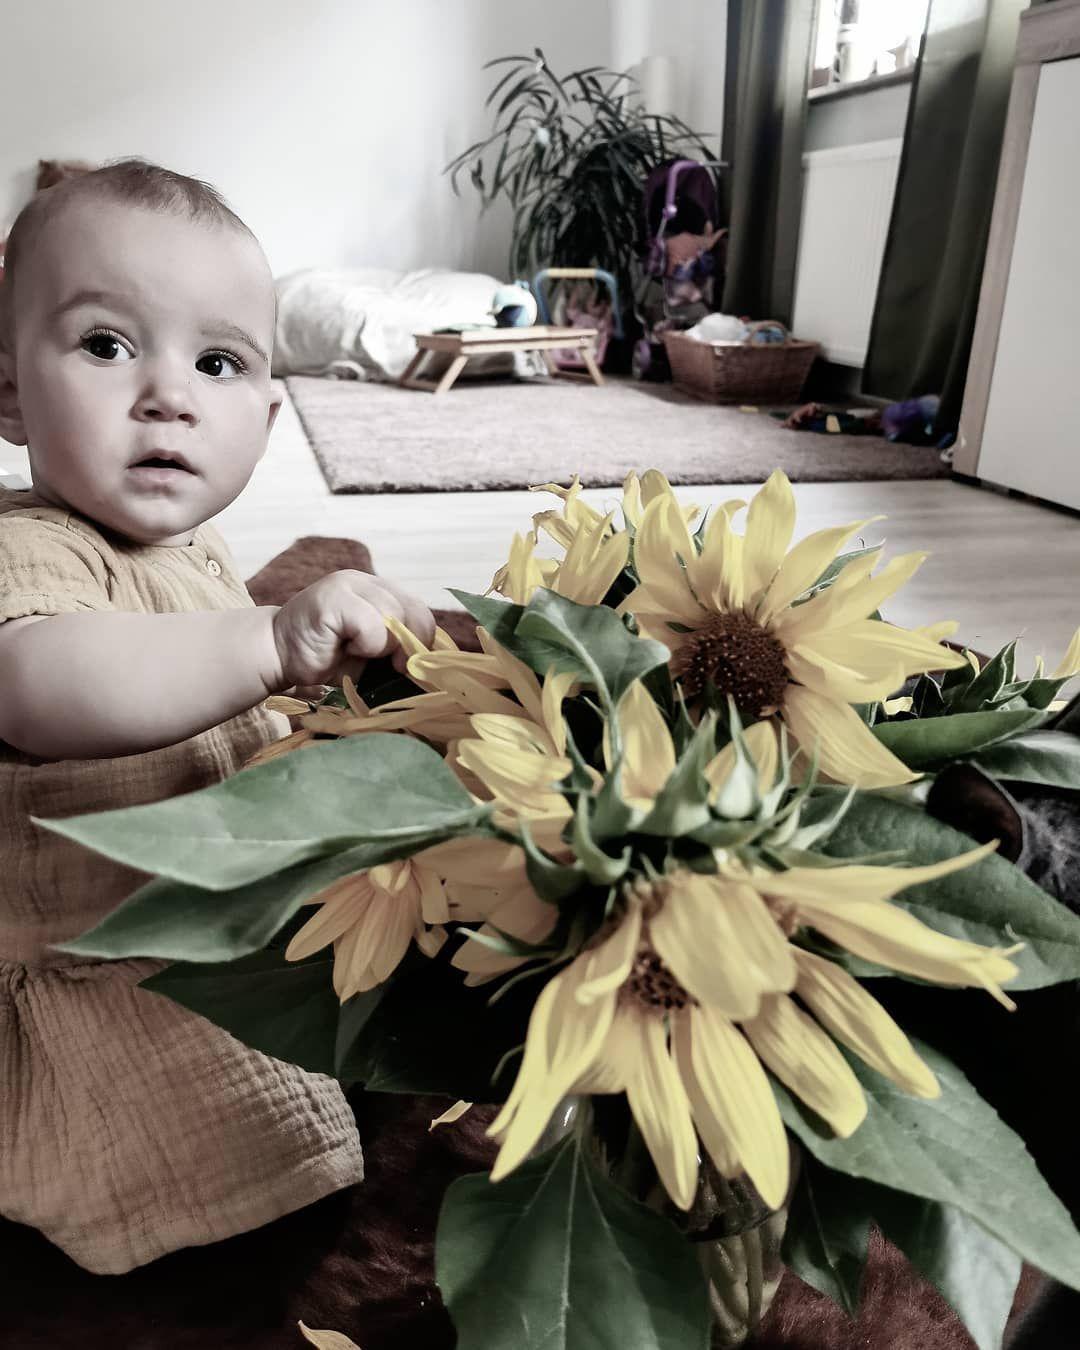 Sonnenblumen. Geräubert 😅🖤 Was sagen uns Sonnenblumen, richtig! Bald ist endlich wieder Herbst 🖤 Kaum zu erwarten ist er.  Ich wünsche euch einen wunderschönen Samstag, ihr Wühlmäuse.